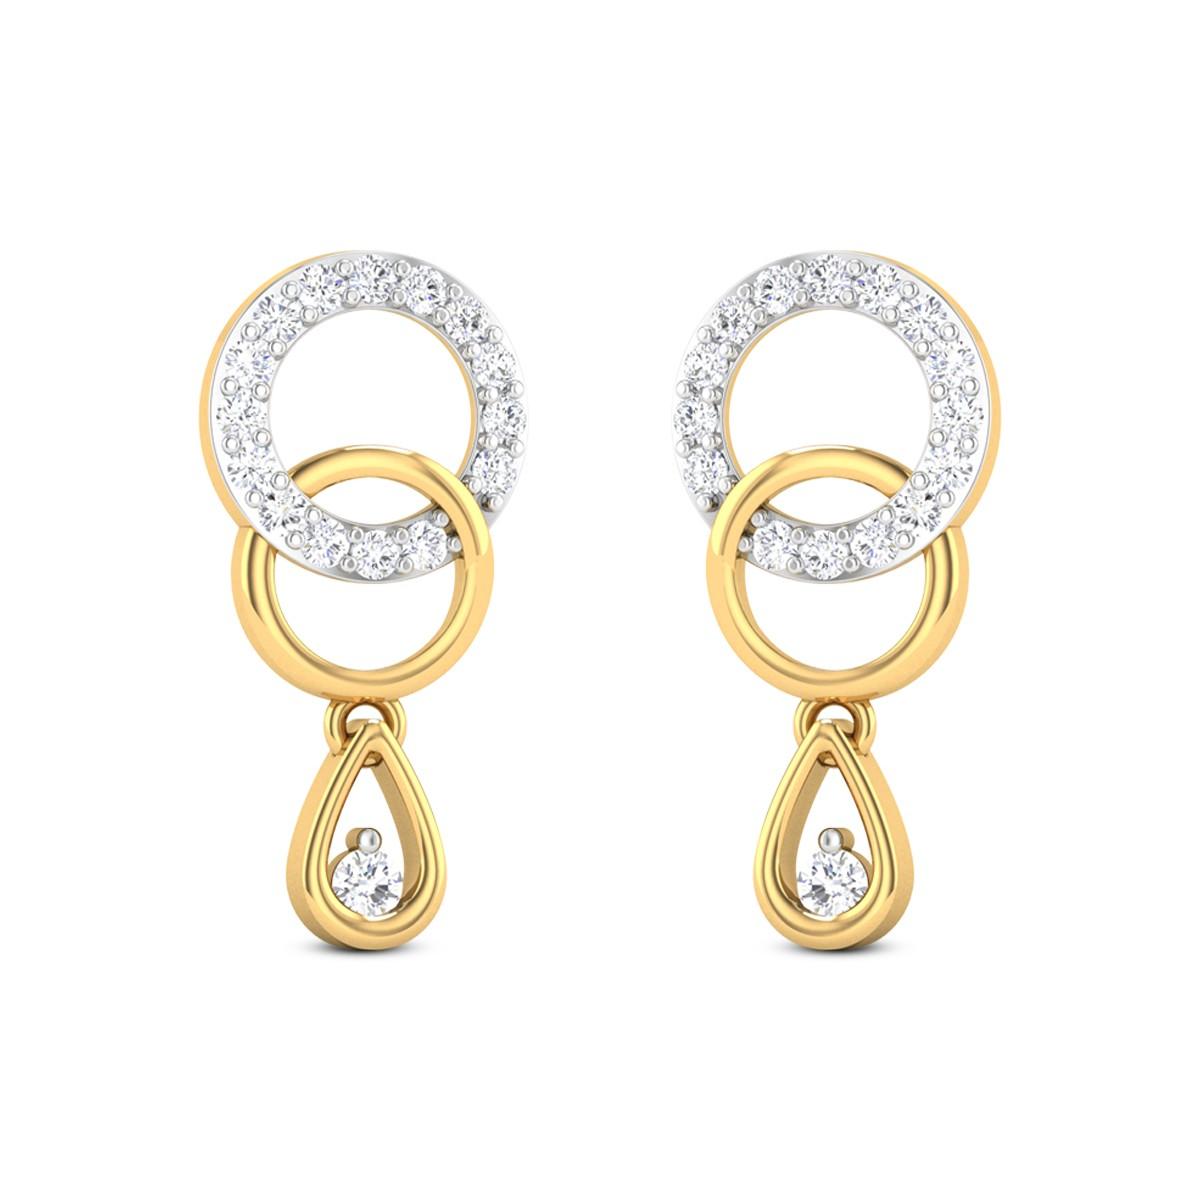 Akshat Dual Ring Diamond Drop Earrings